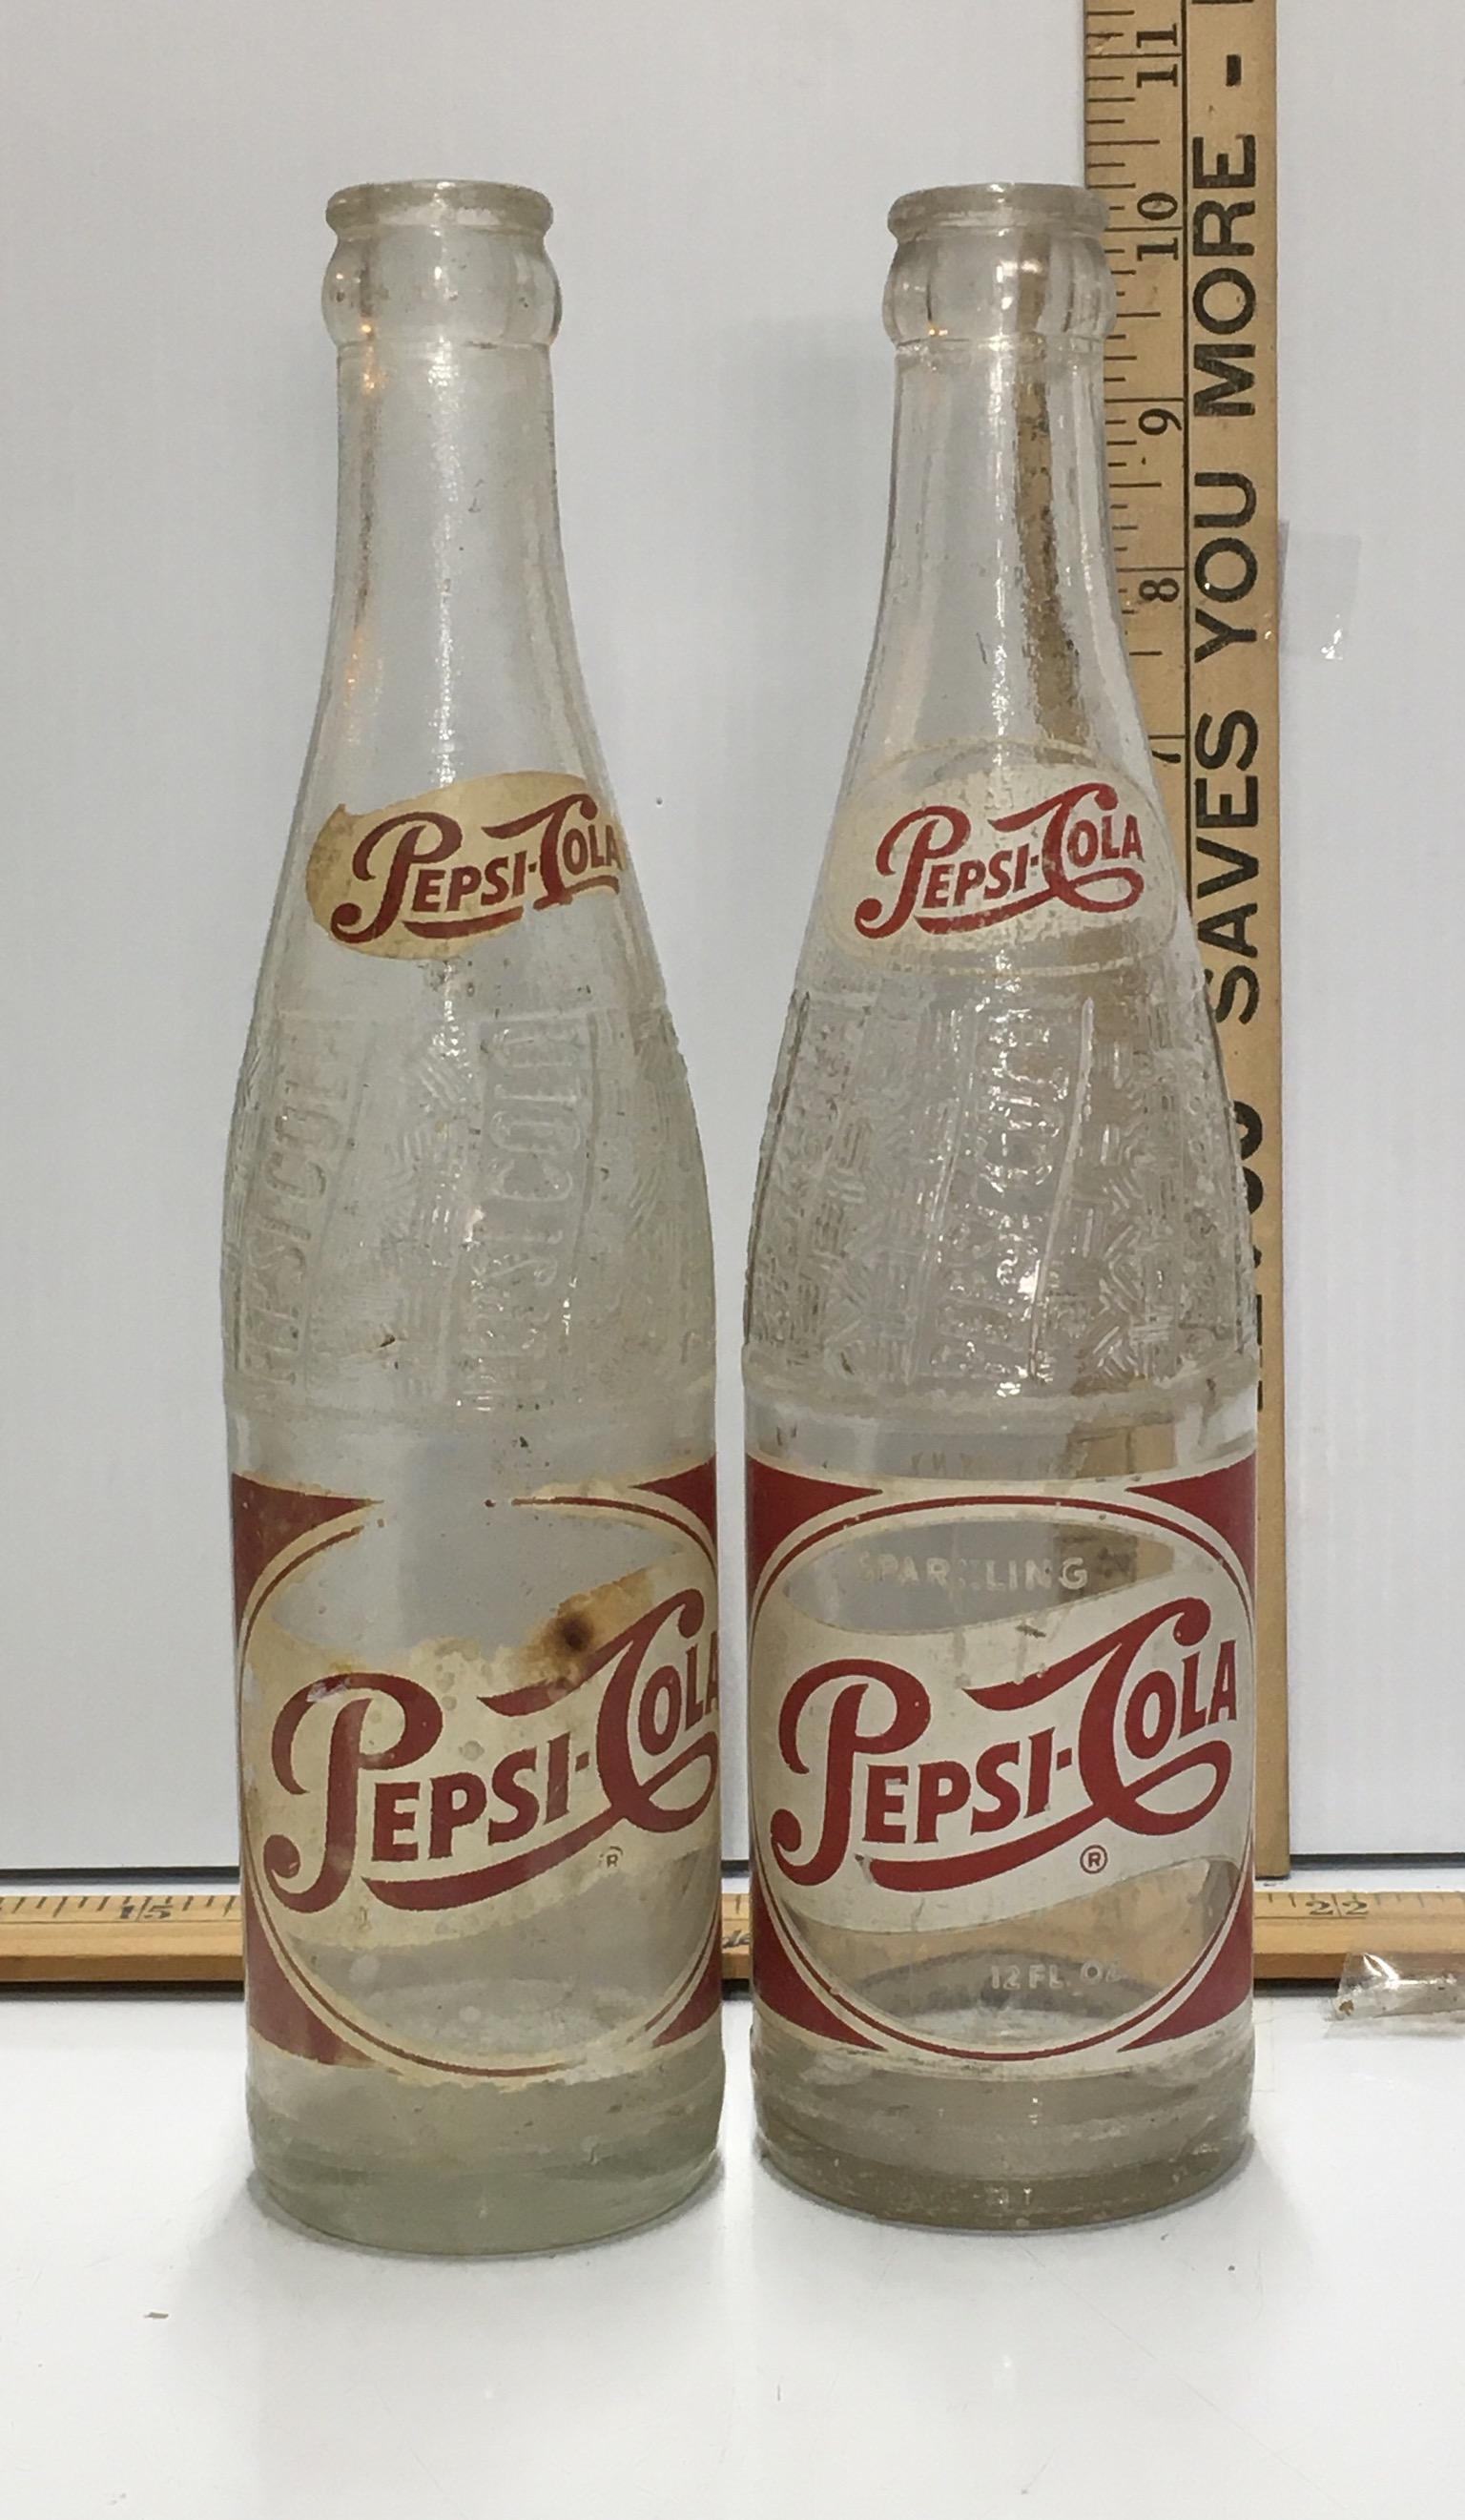 Pair of Vintage Pepsi Bottles - buyitnam.com